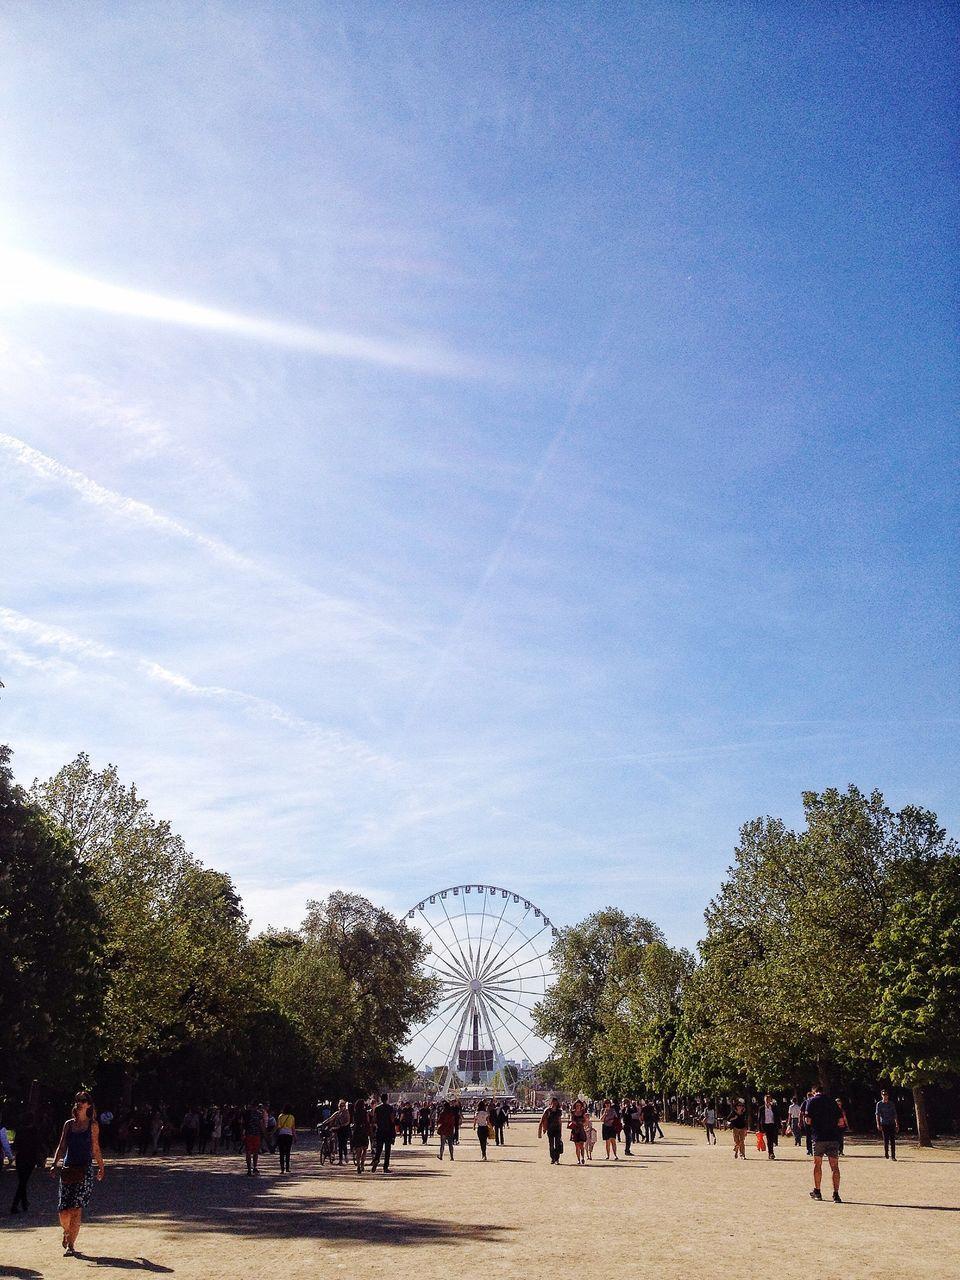 People At Jardin Des Tuileries Against Sky